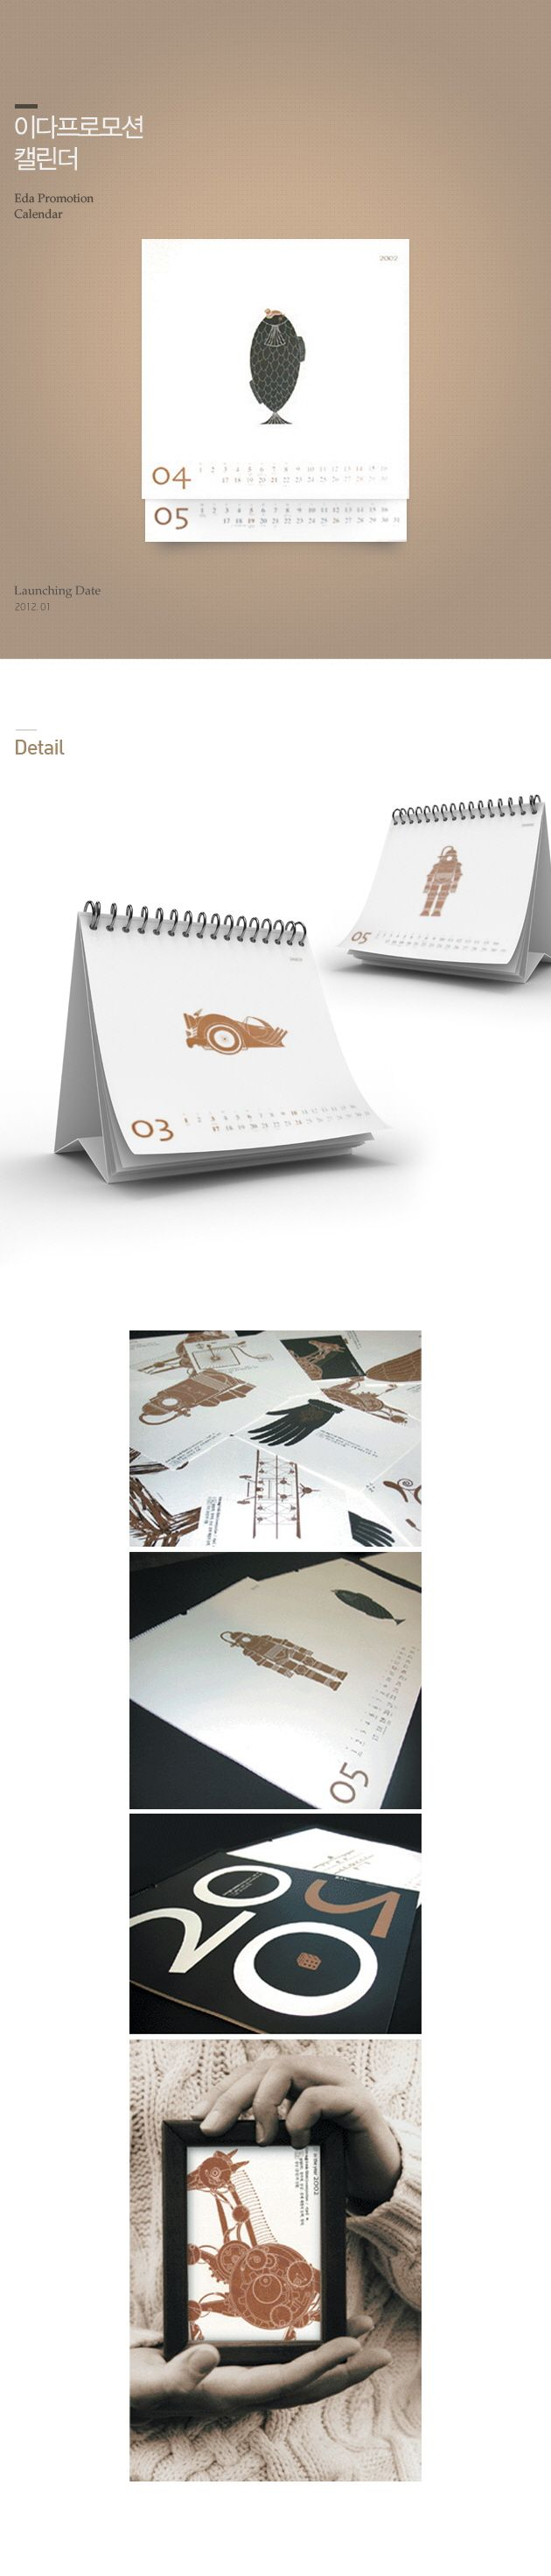 Eda Promotion Calendar #edacom